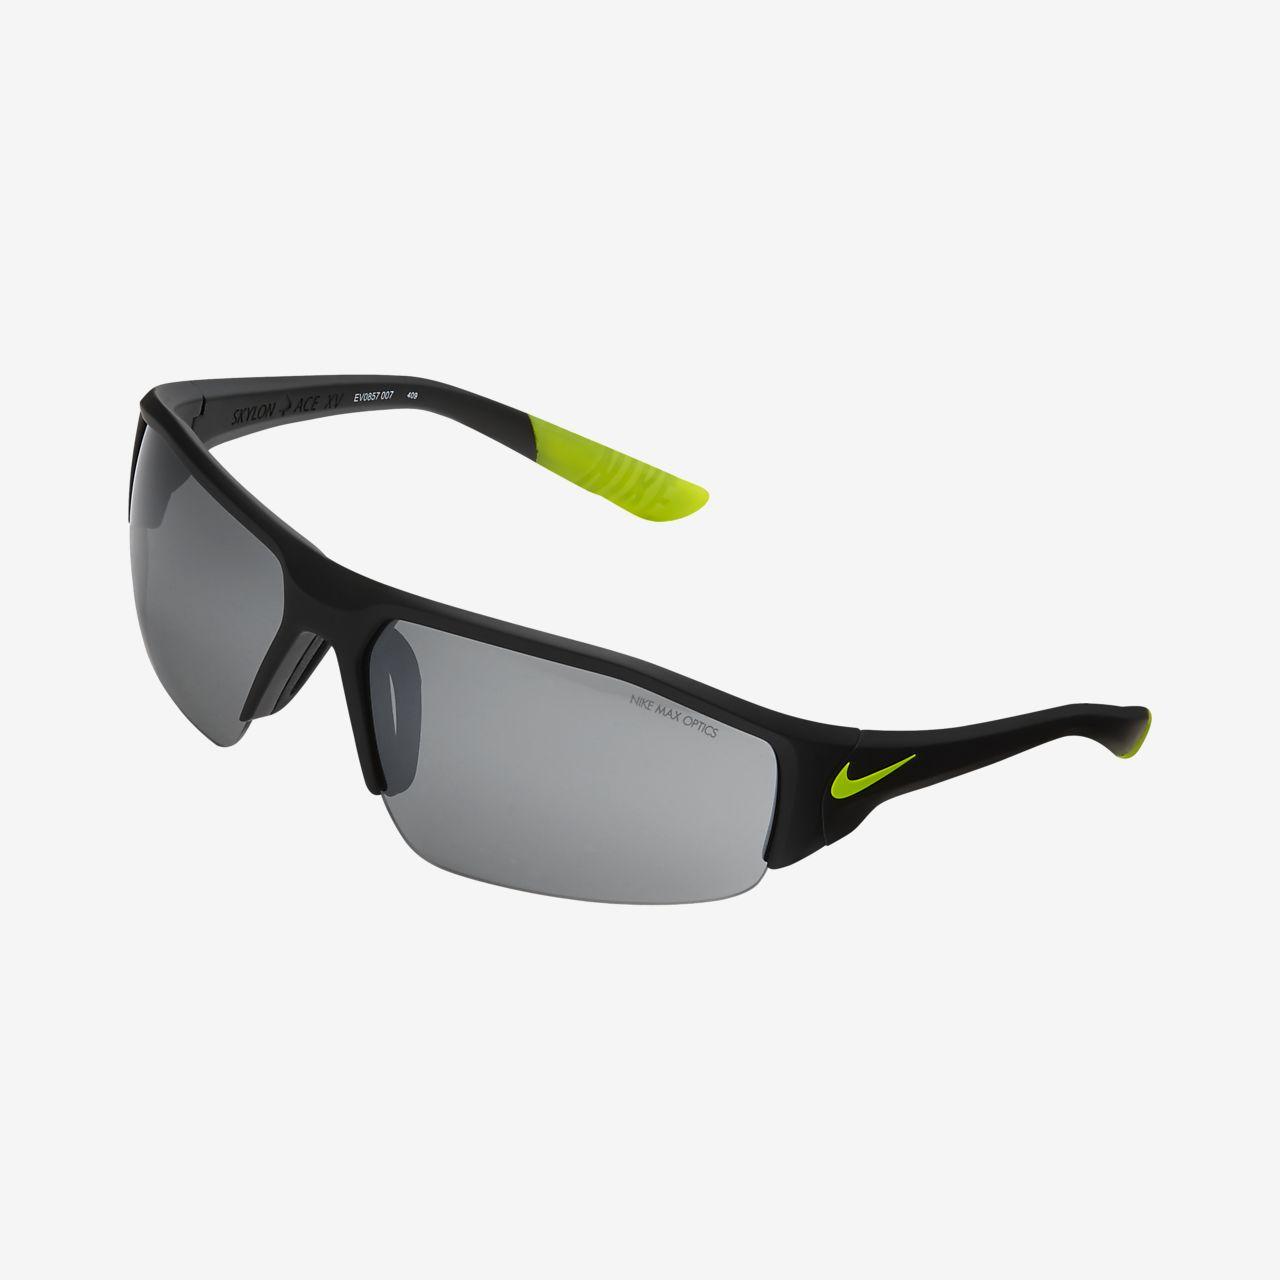 8d7623c0c Óculos de sol Nike Skylon Ace XV. Nike.com PT